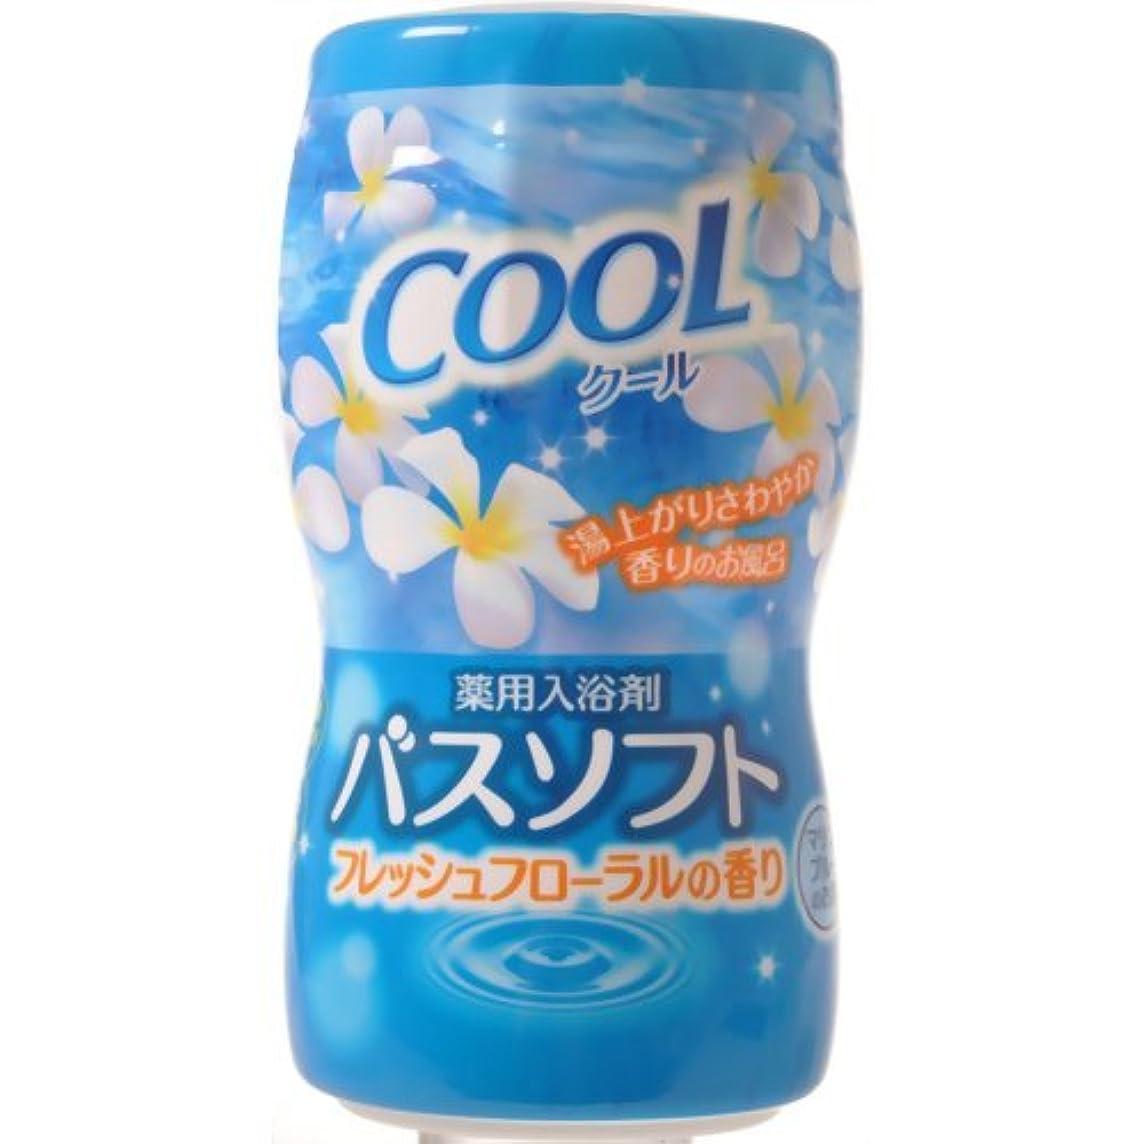 誰が泥棒検出【オカモト】薬用入浴剤バスソフト クール 700g